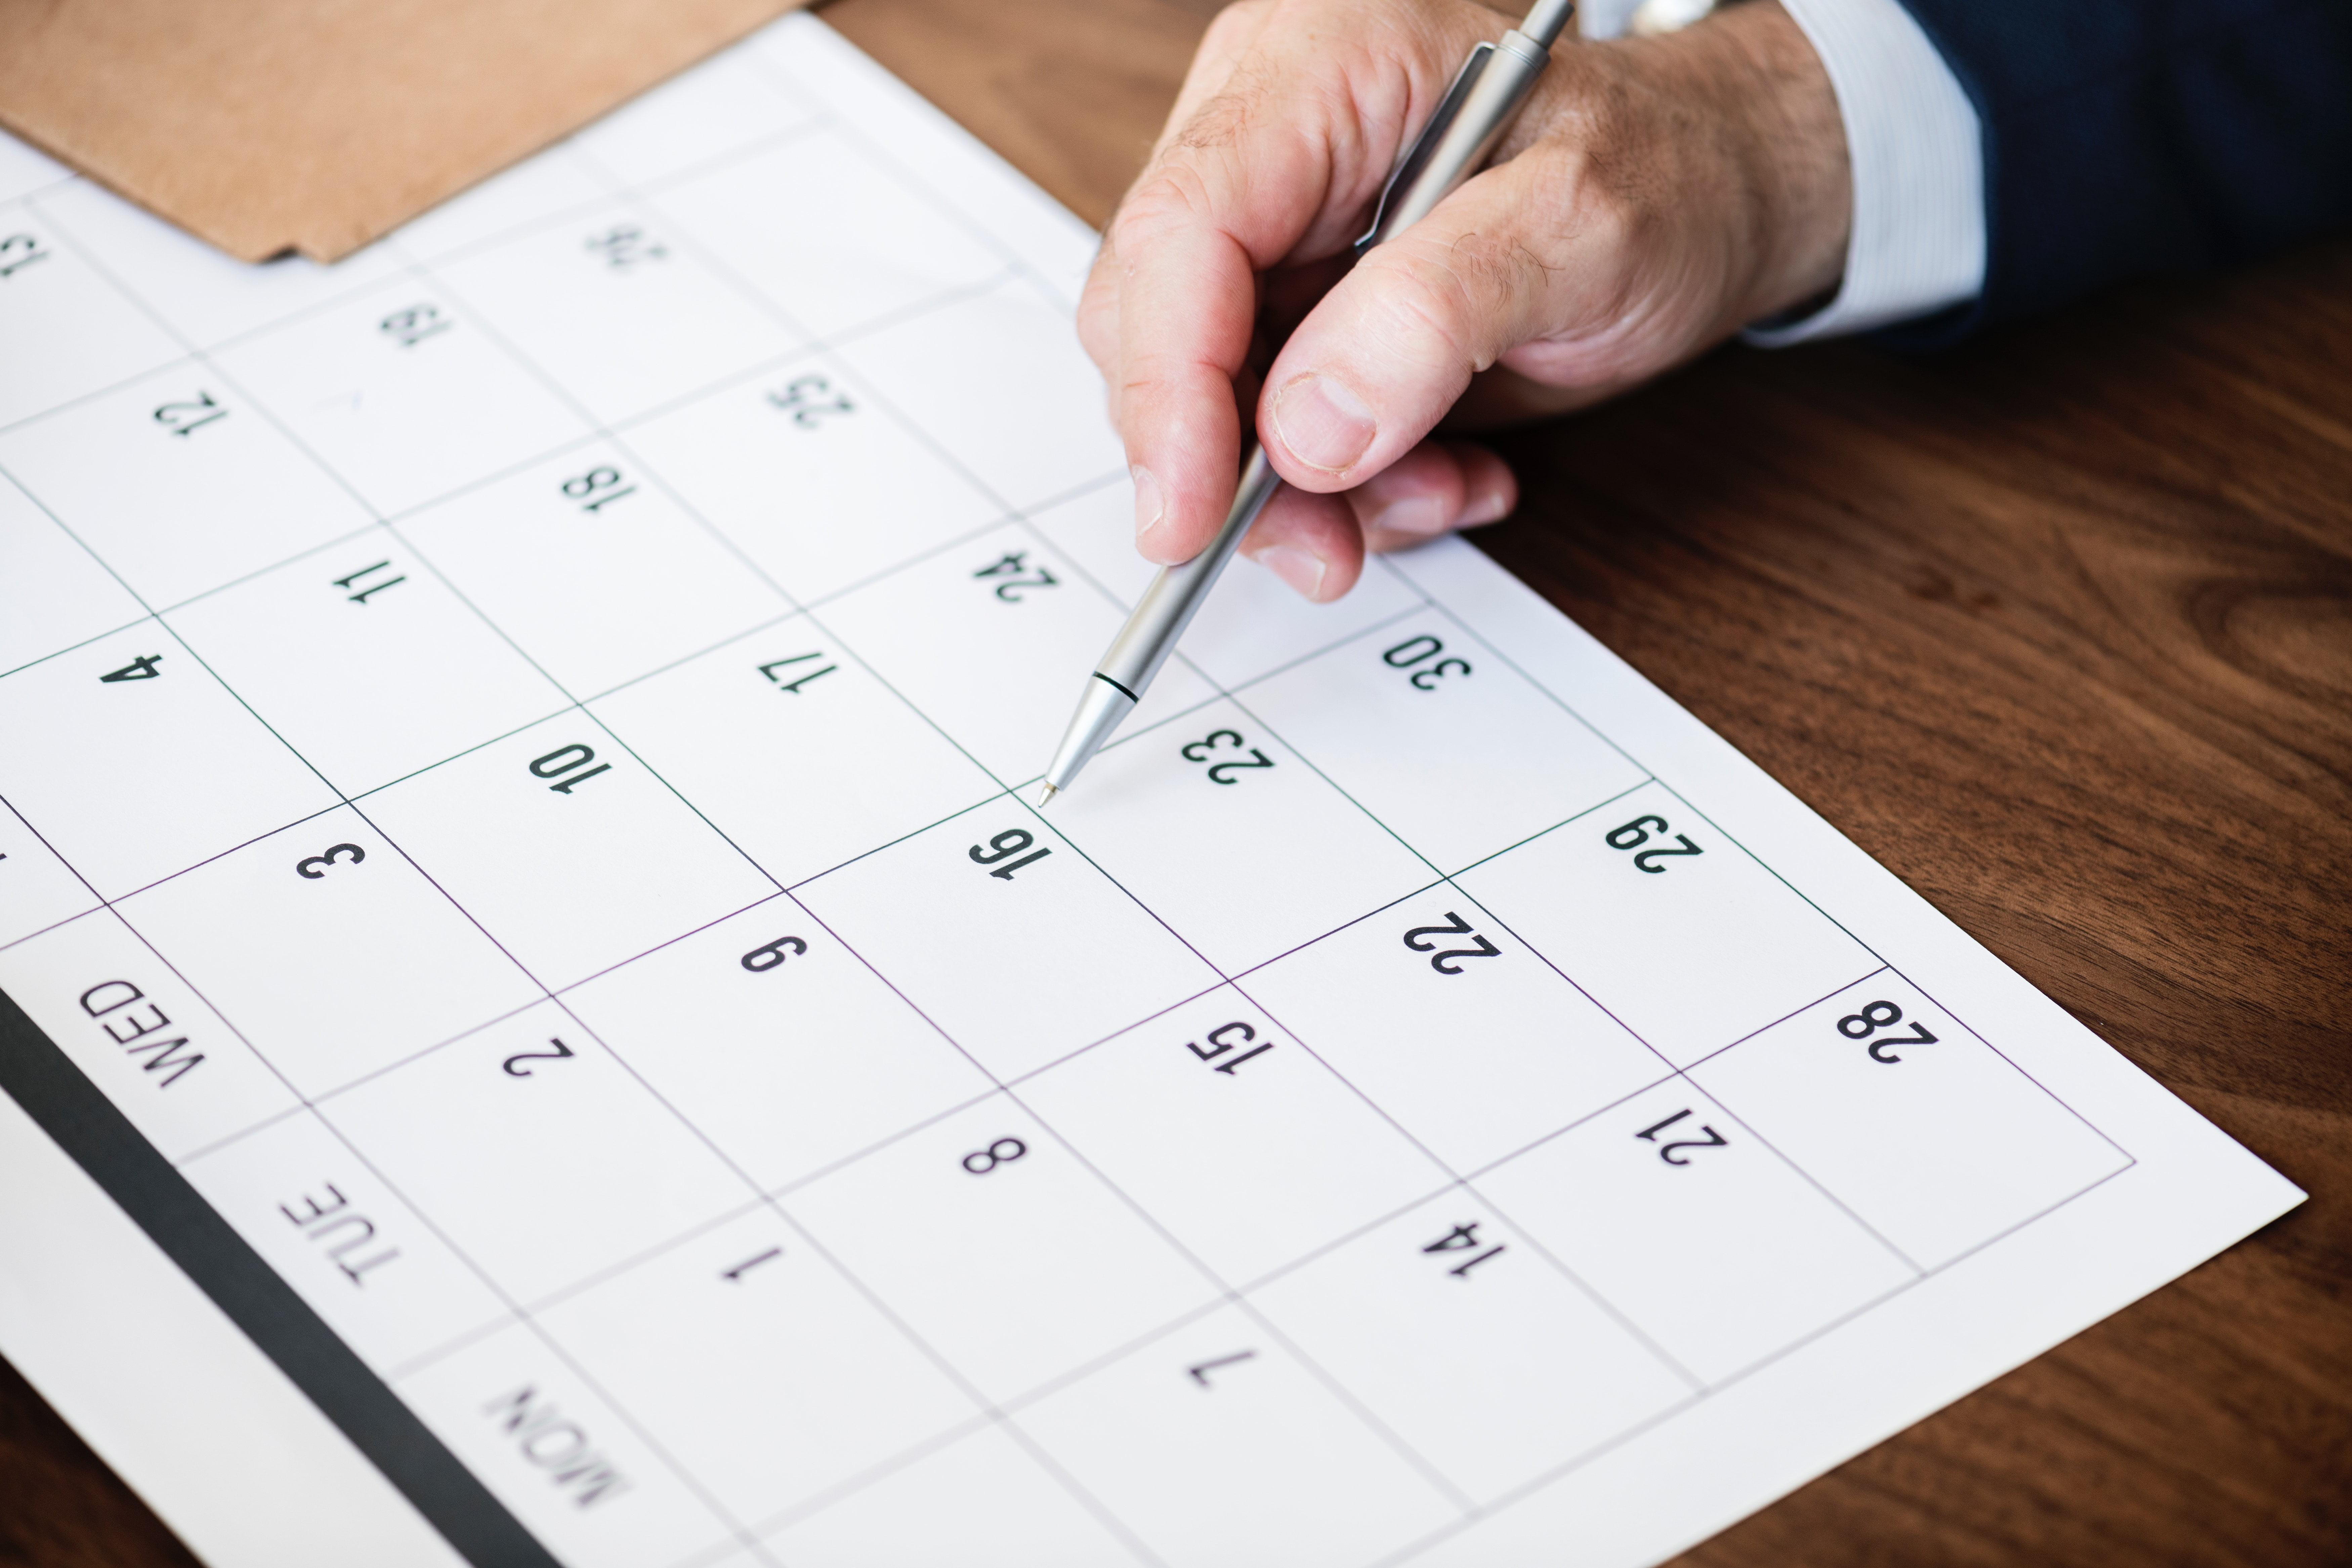 Calendario Académico 2019 U.D.C.A.